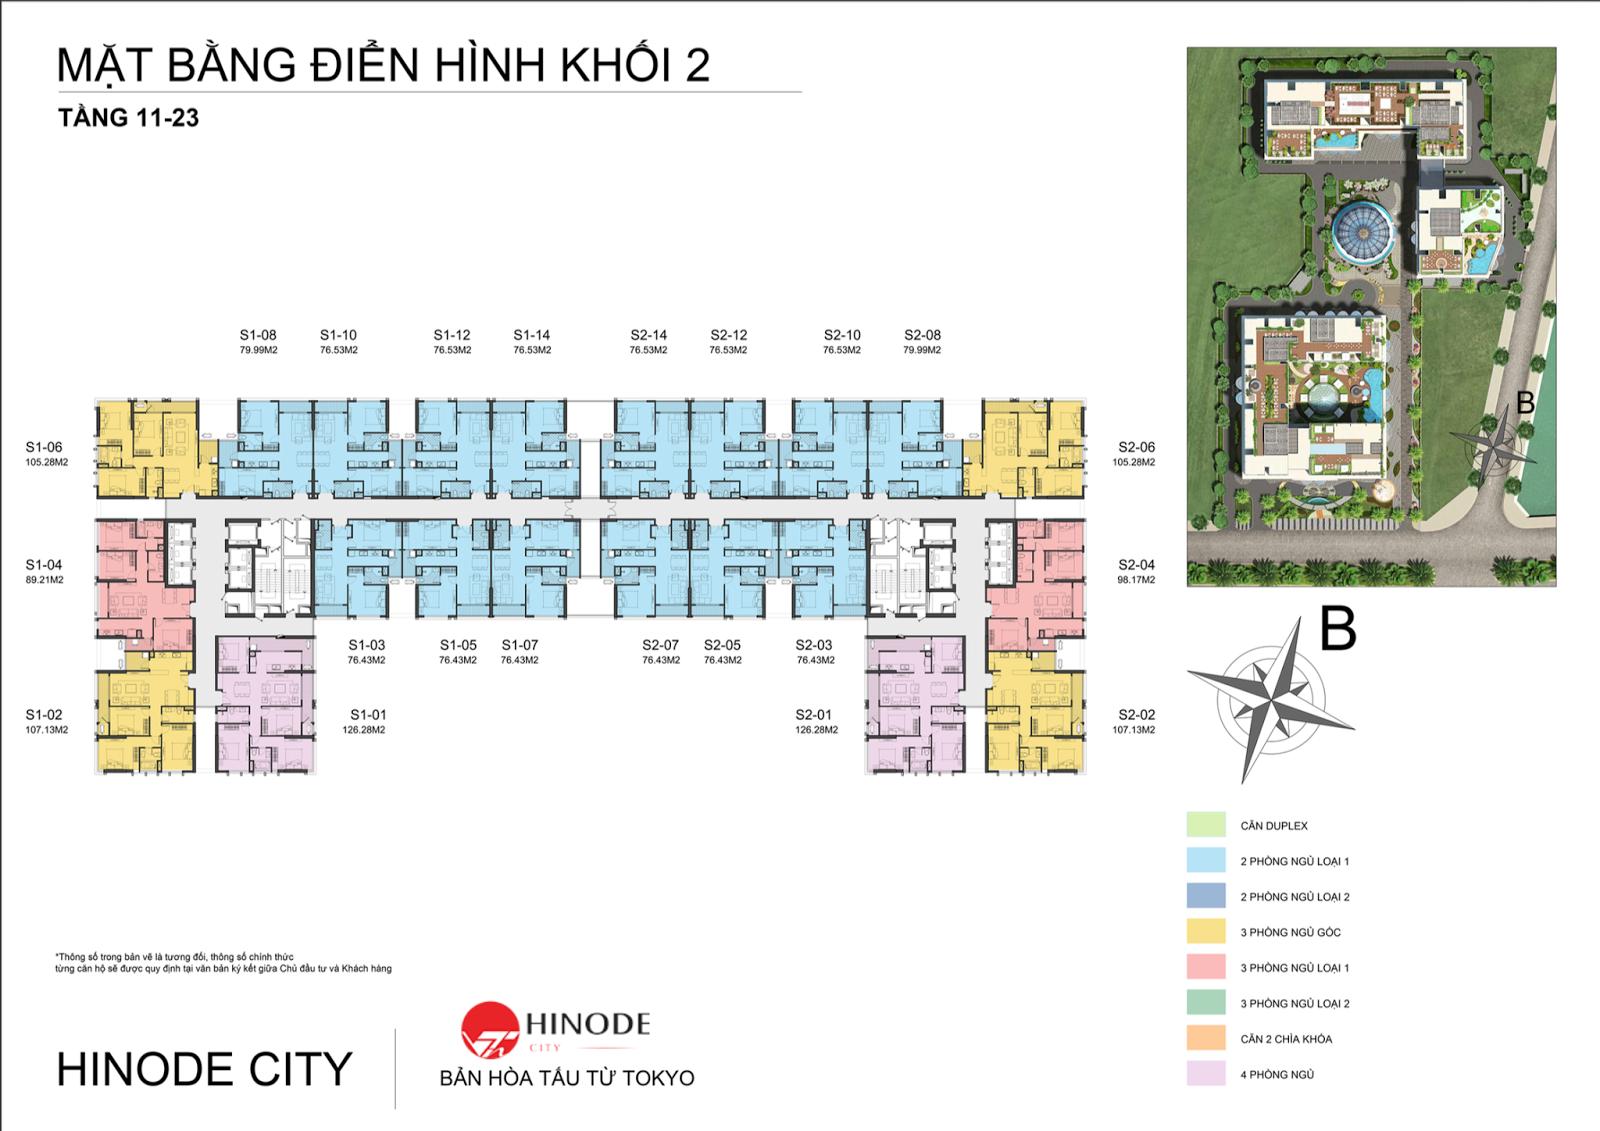 Mặt bằng căn hộ toà T2 chung cư Hinode Minh Khai